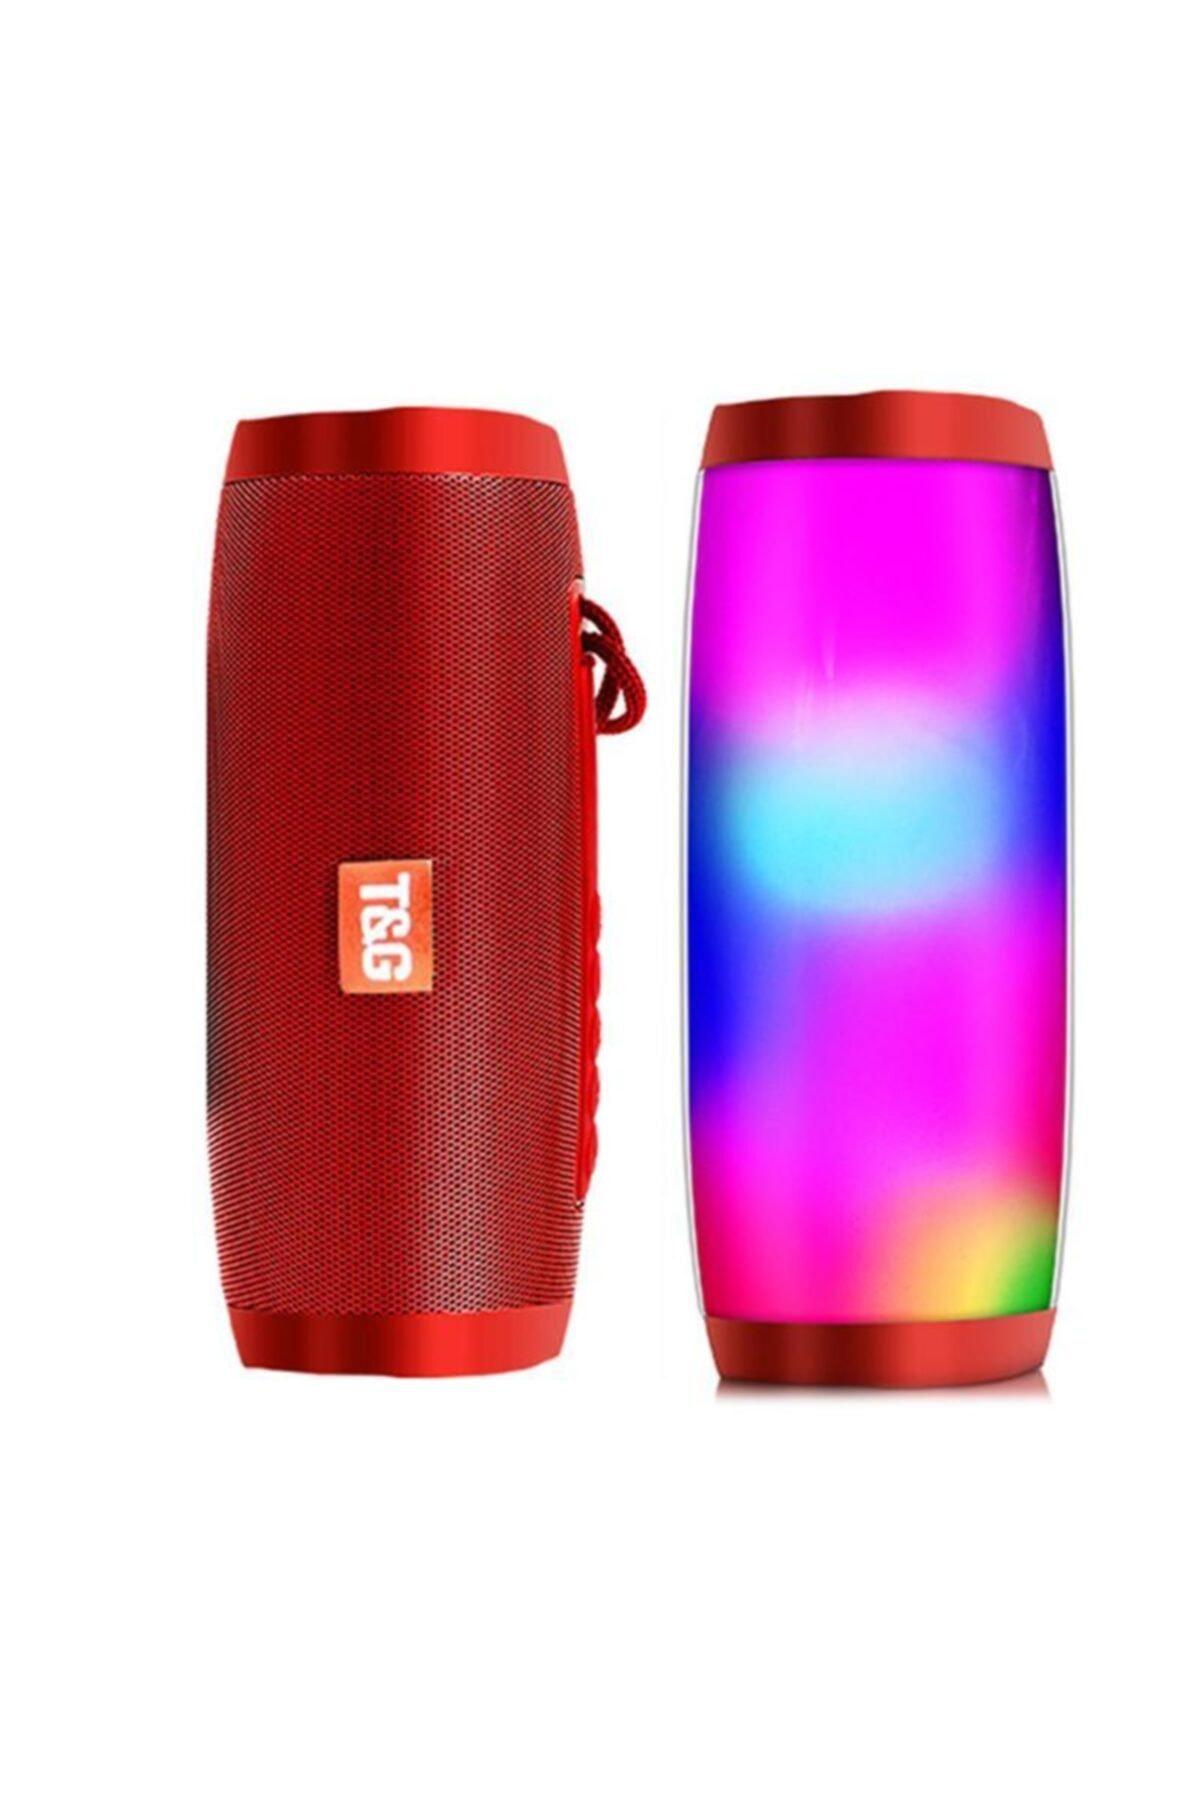 157 Su Geçirmez Kablosuz Wireless Bluetooth 5.0 Hoparlör Speaker